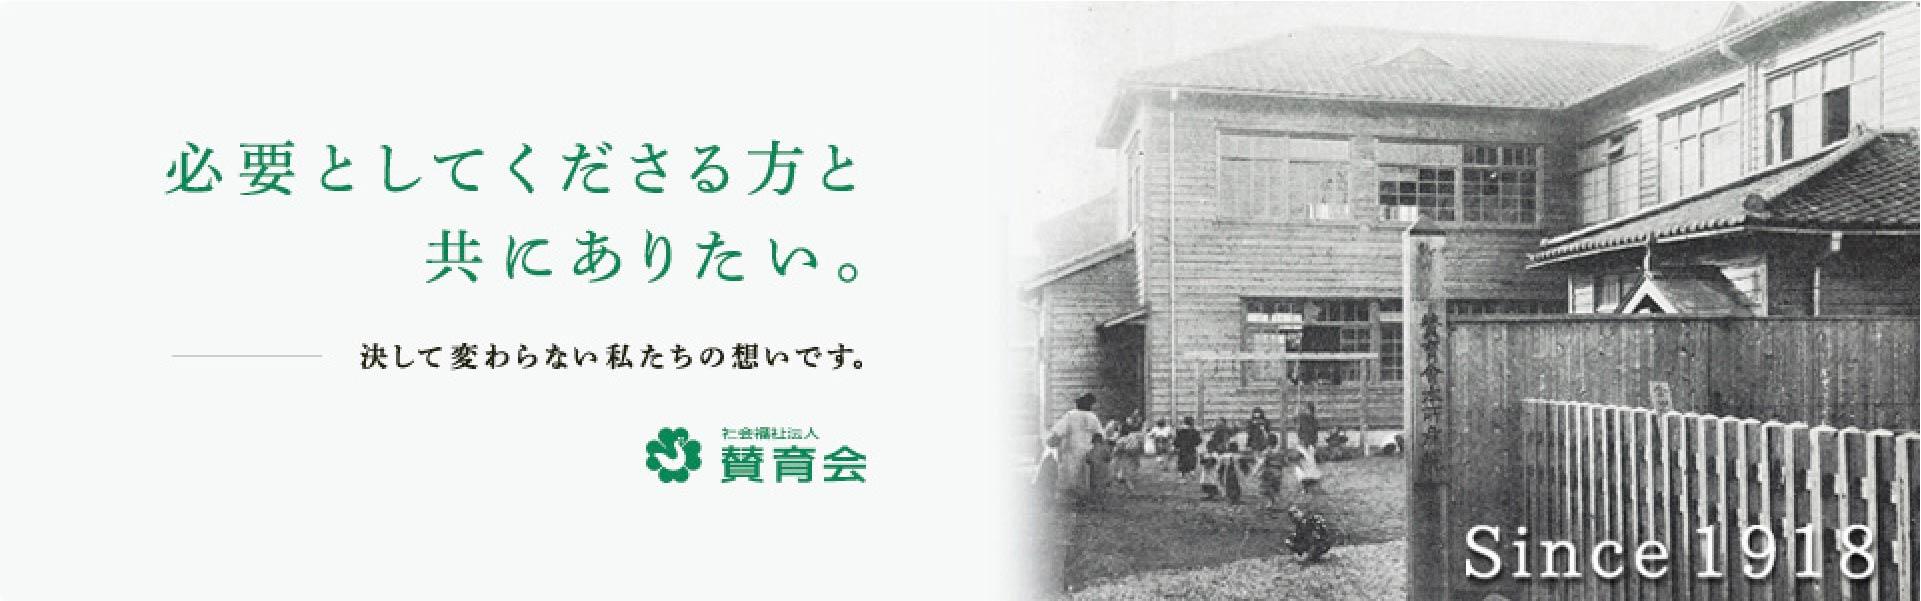 사회복지법인 산이쿠카이